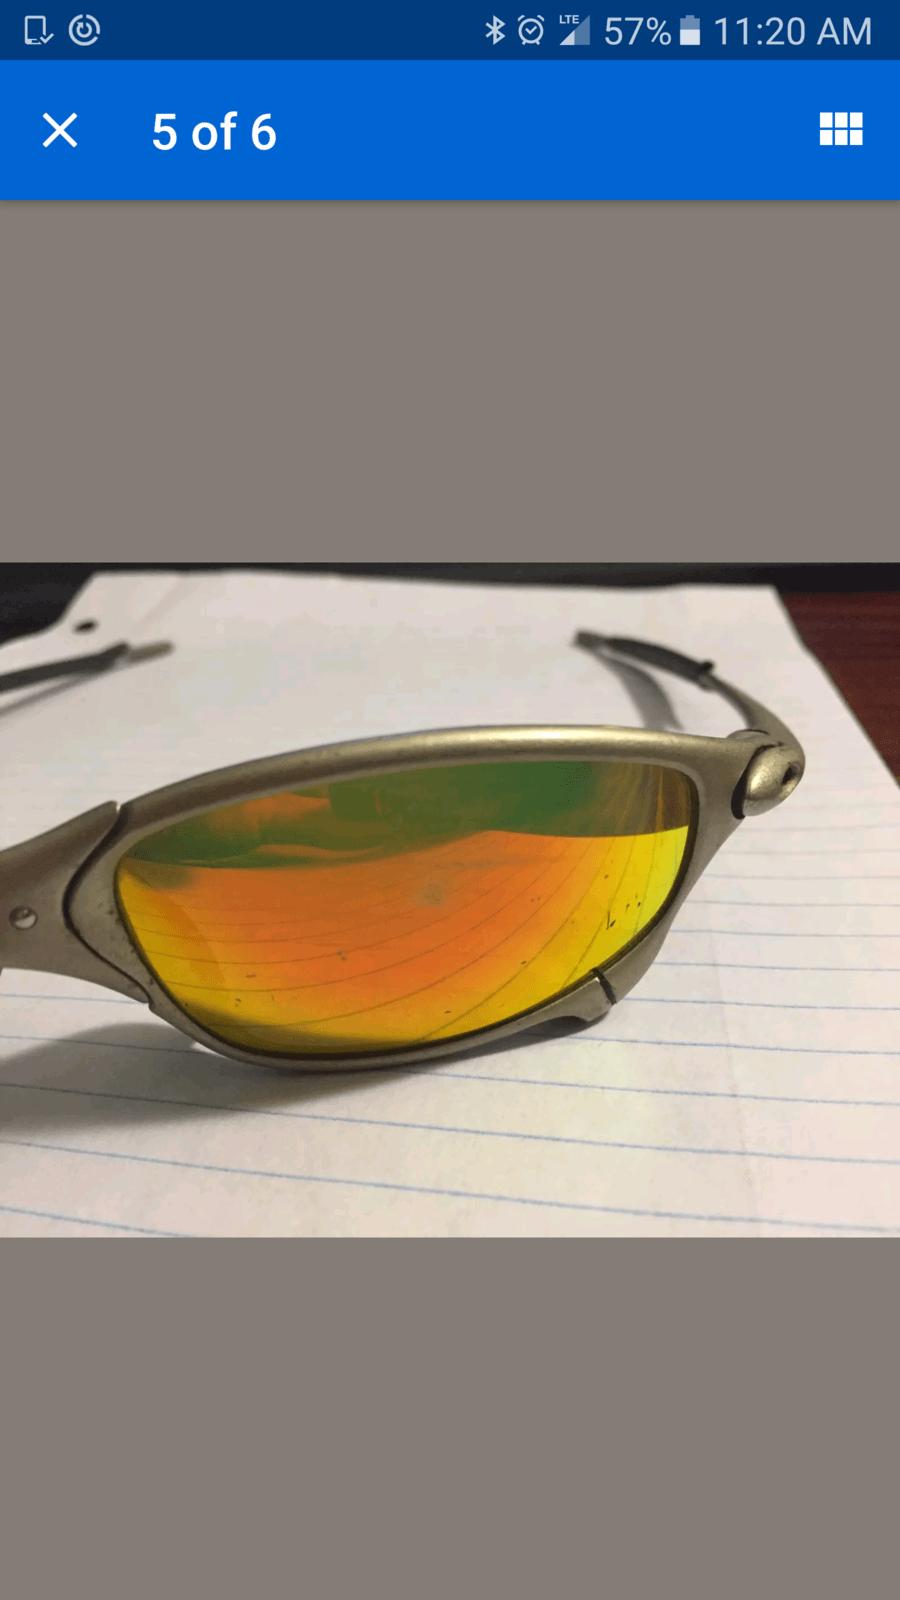 Lens condition pics - Screenshot_20160805-112037.png